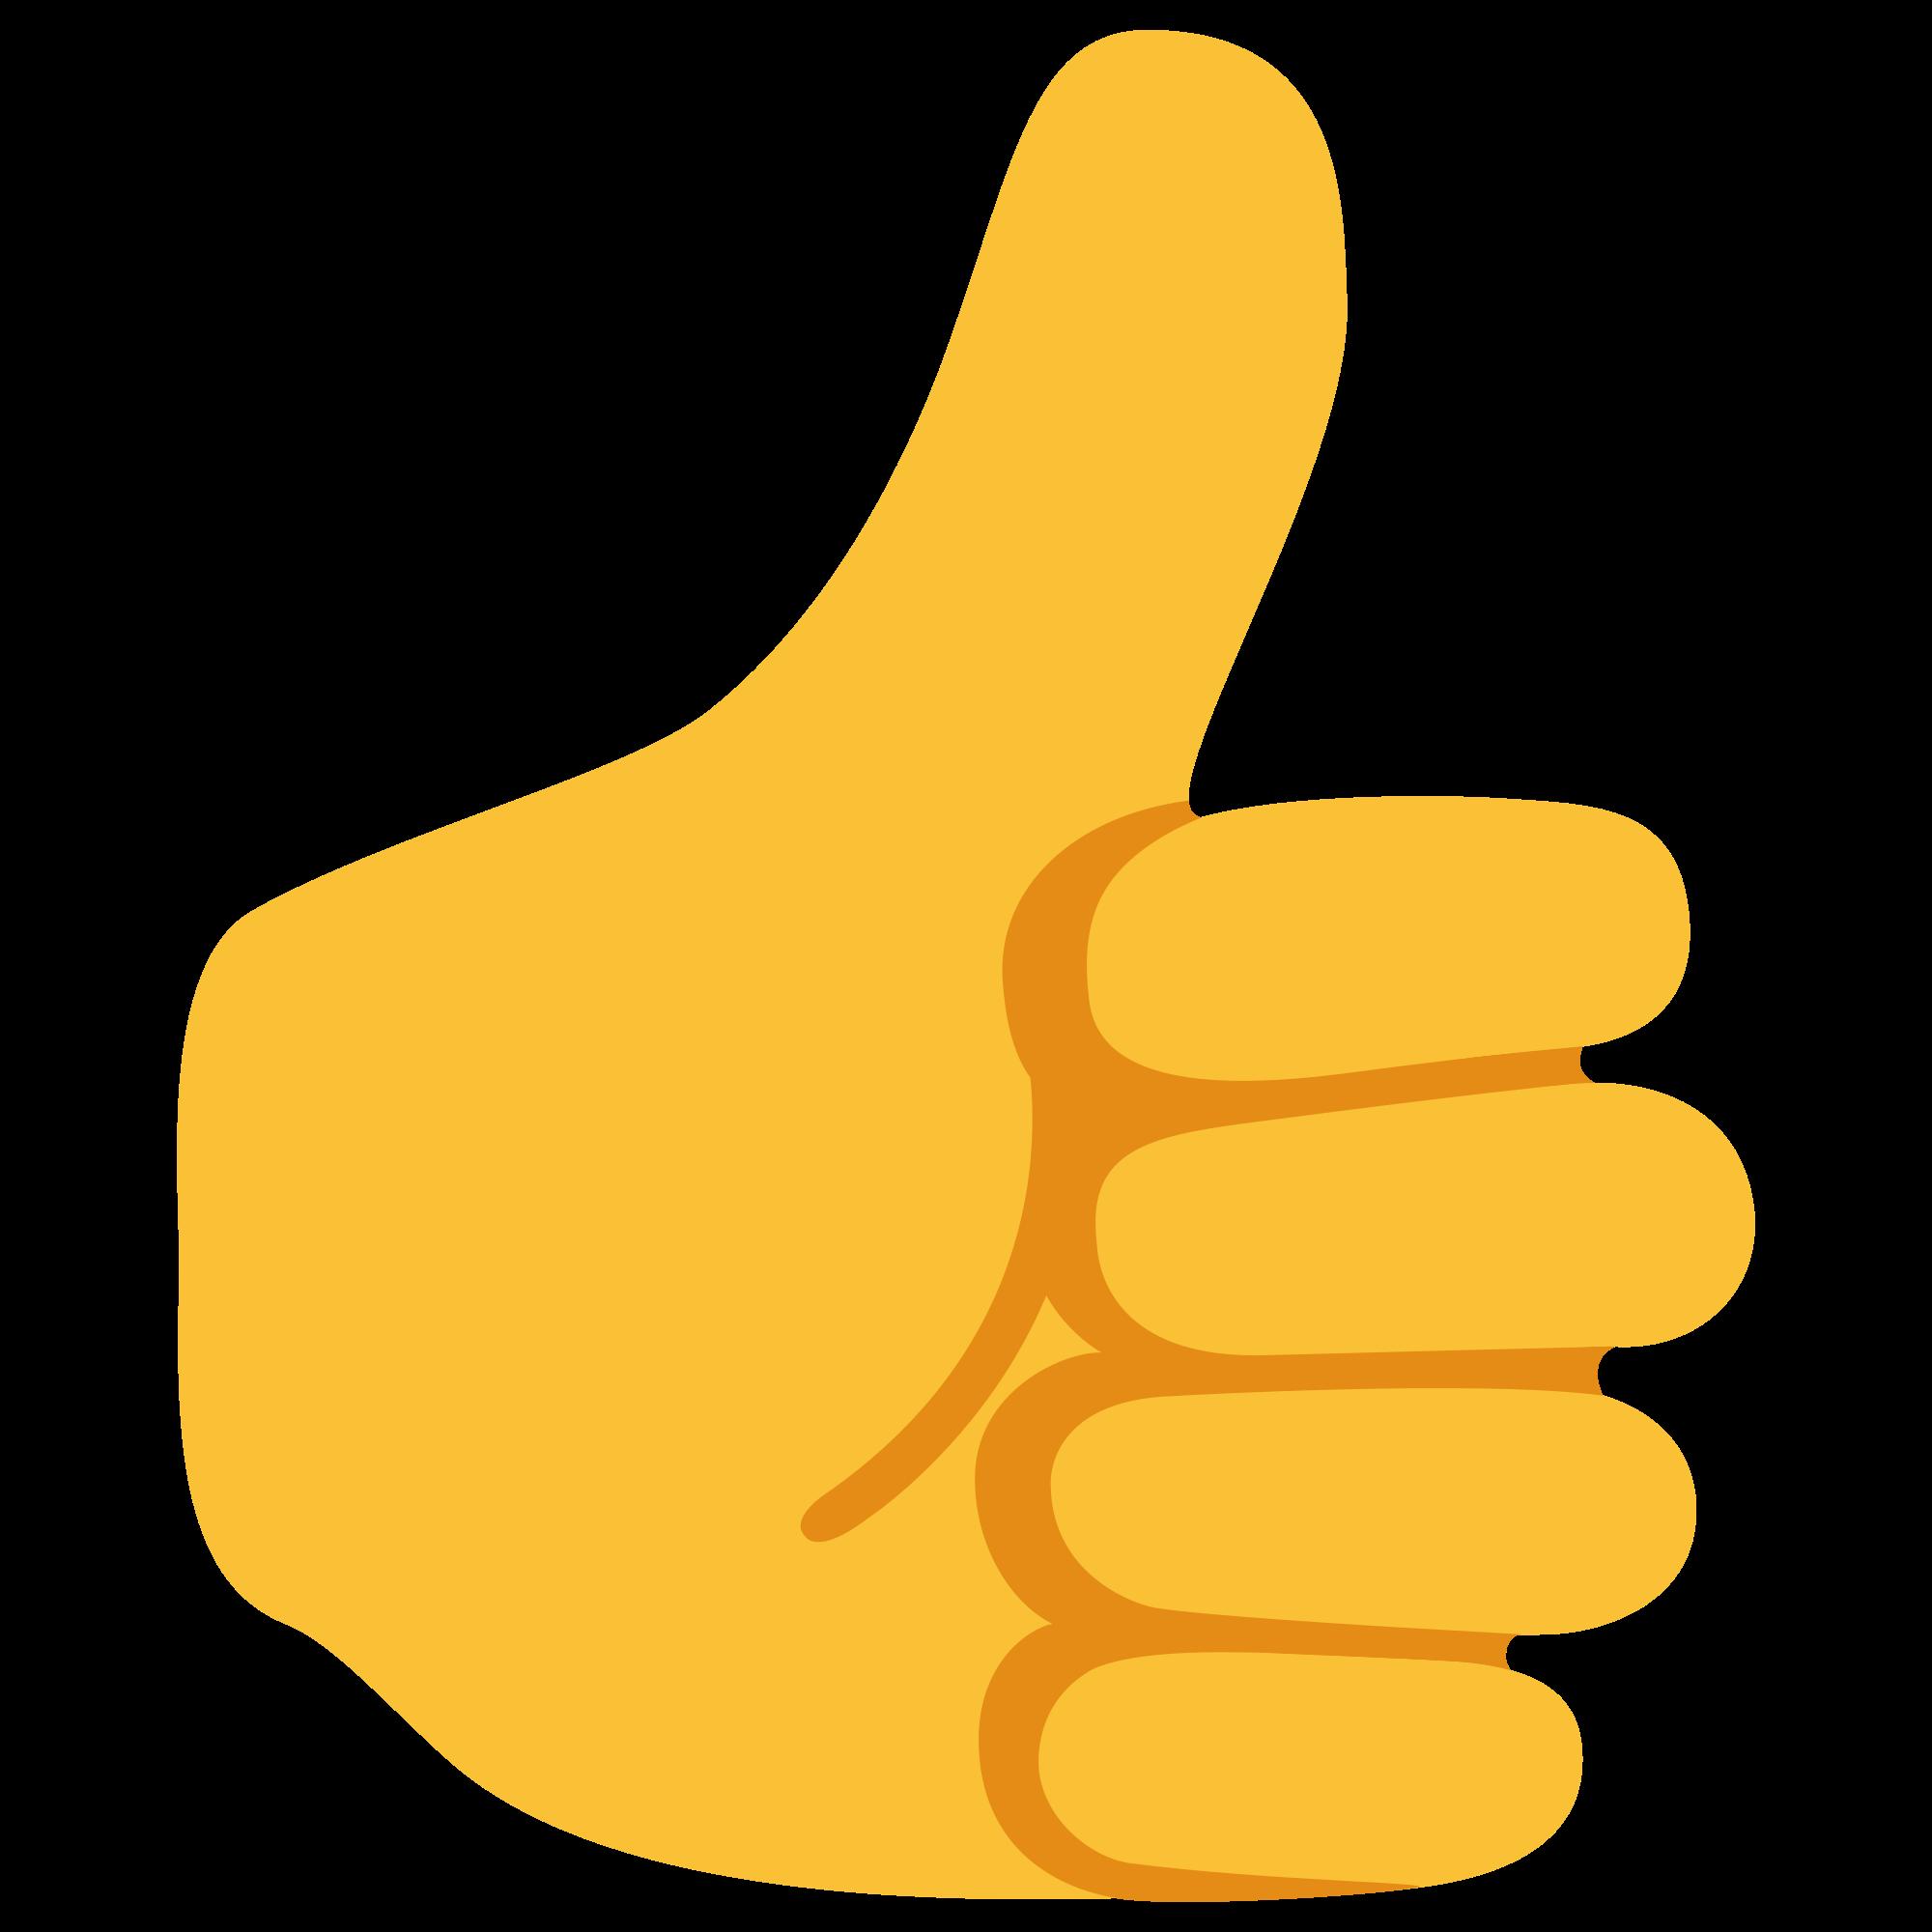 Thumb clipart emoji. File u f d